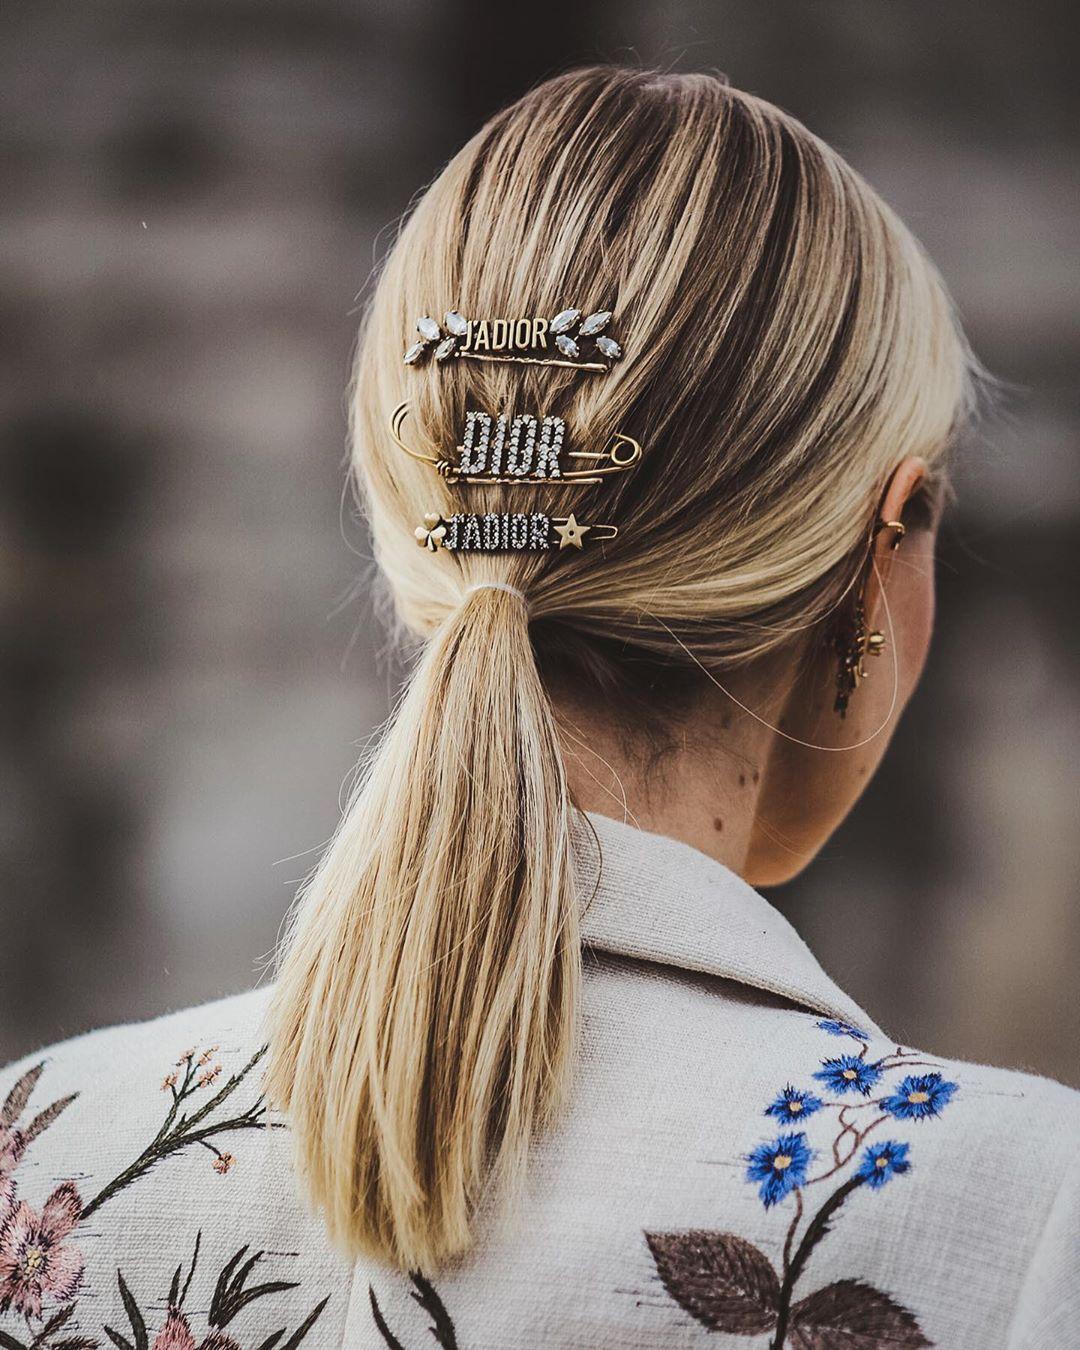 Dior hair accessories